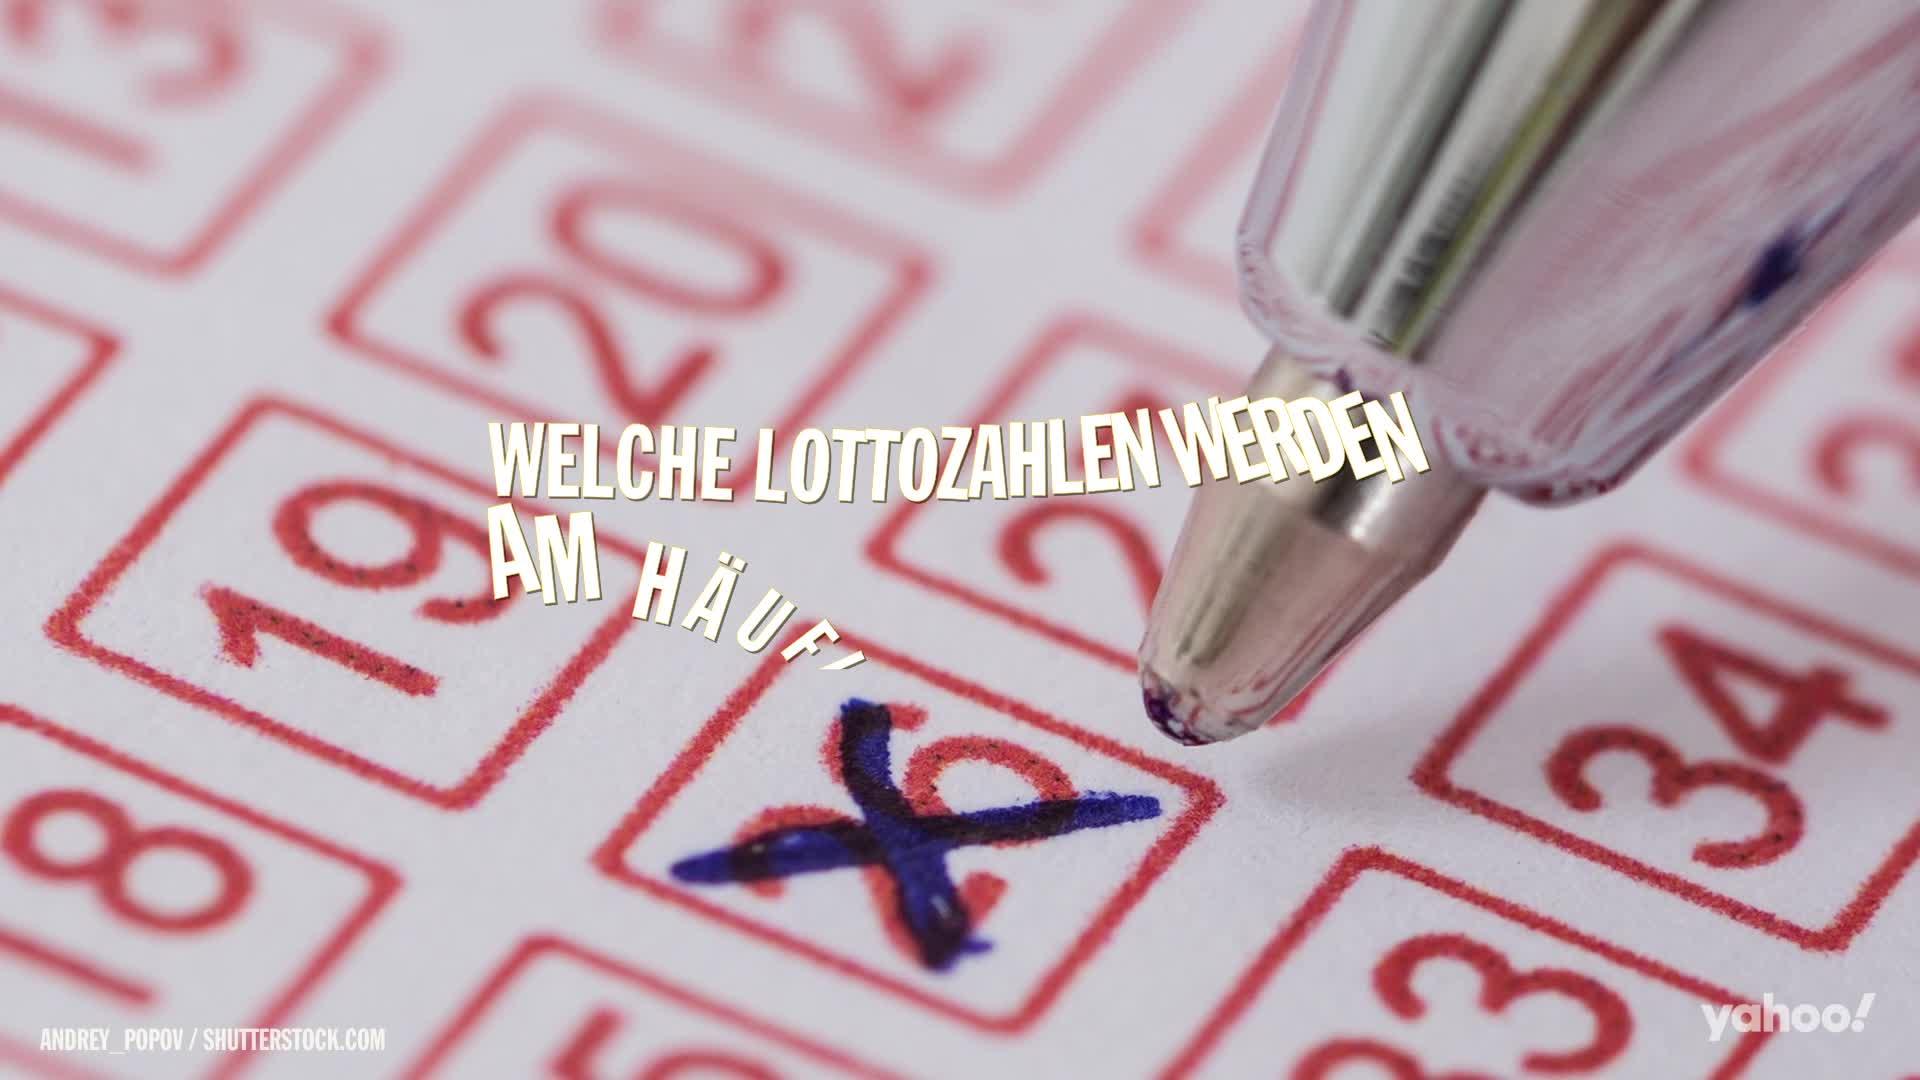 Lottozahlen Die Am Häufigsten Gezogen Werden